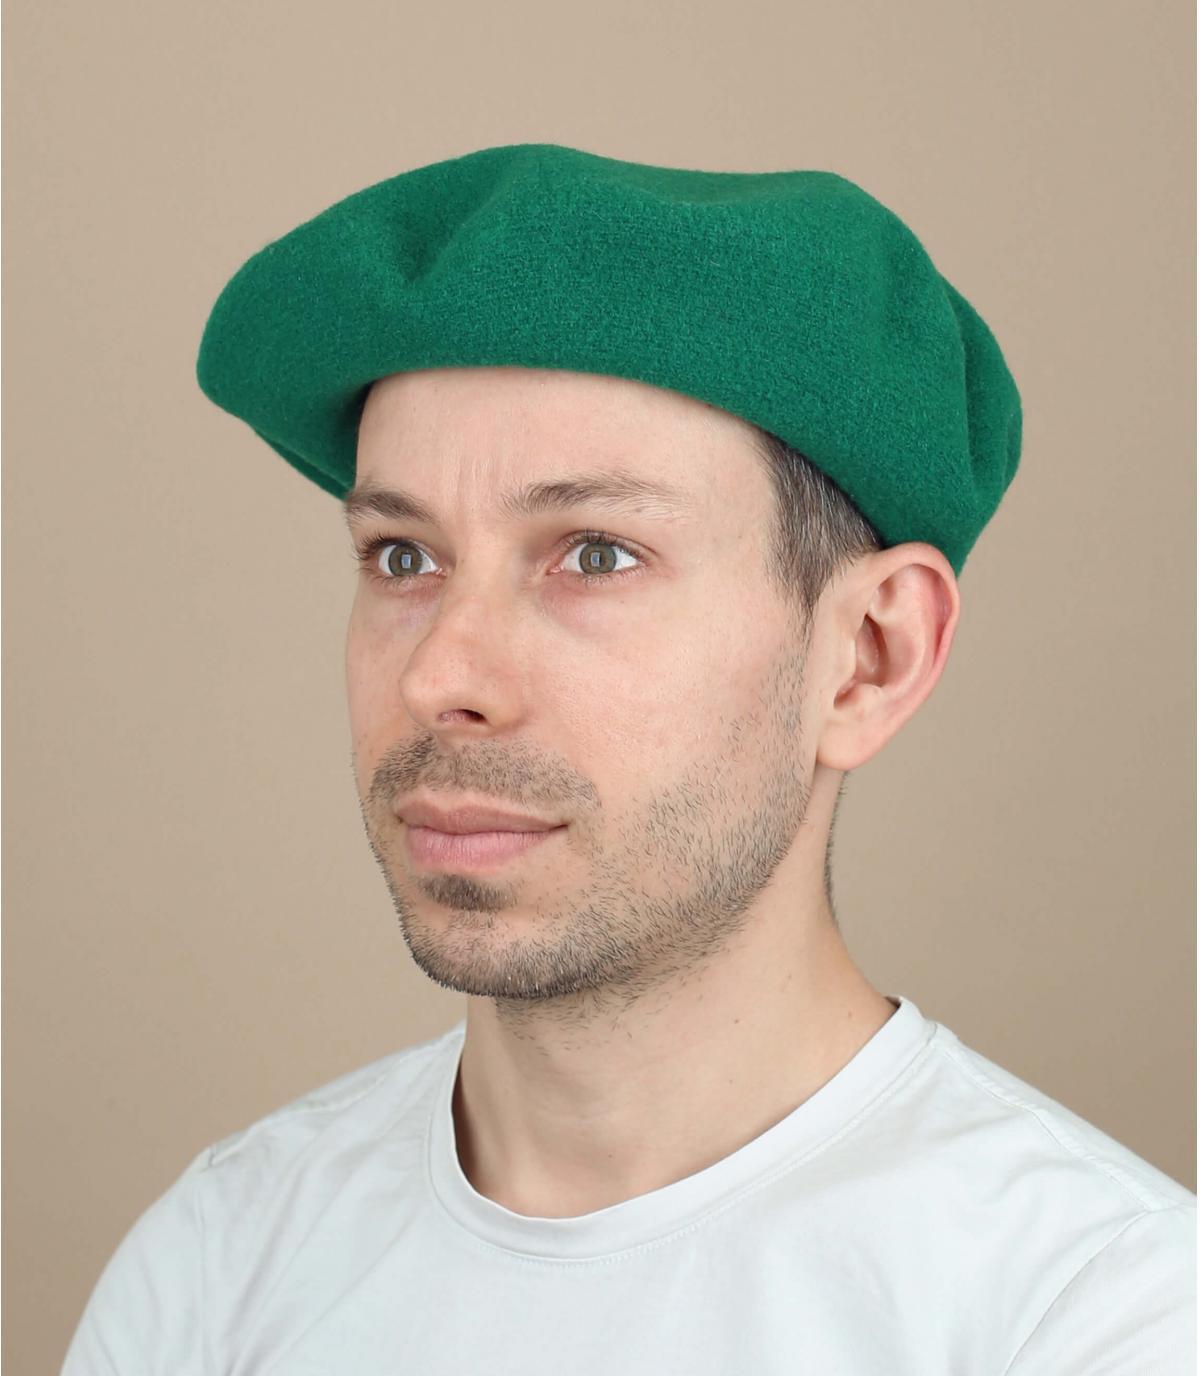 Berretto uomo verde